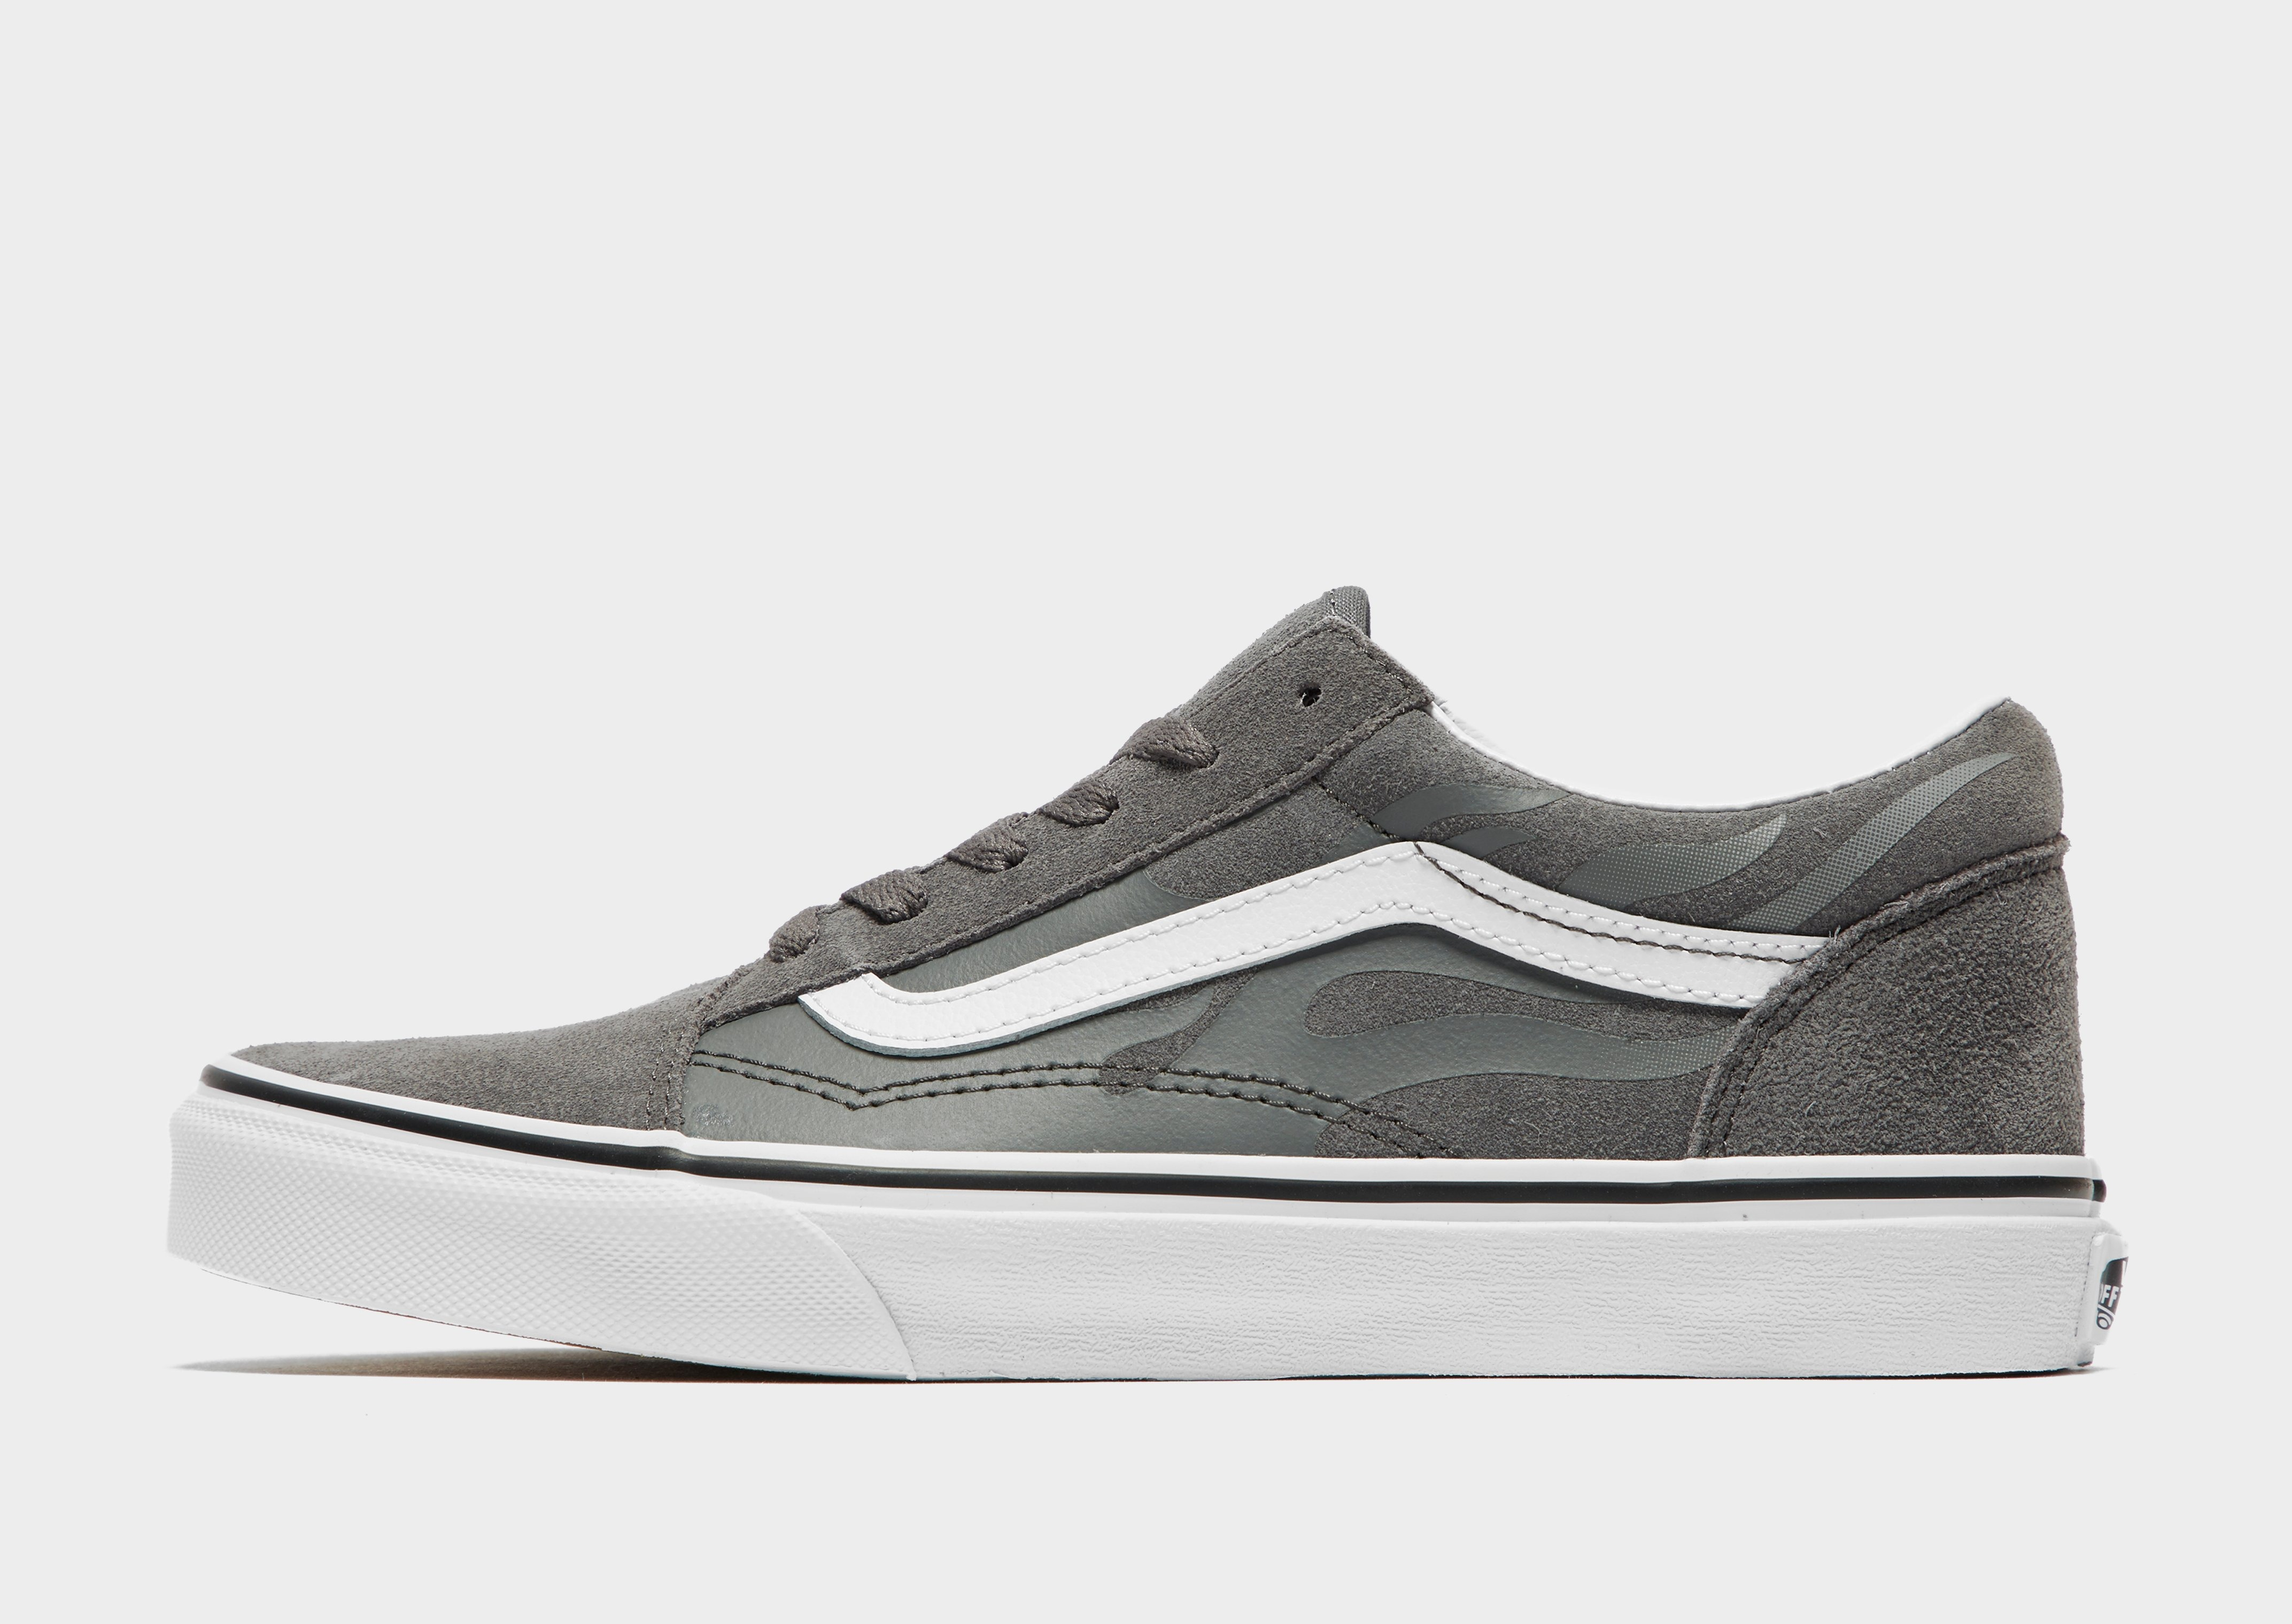 Acquisto Scarpe Skate Vans Vans Suede Old Skool Grigie